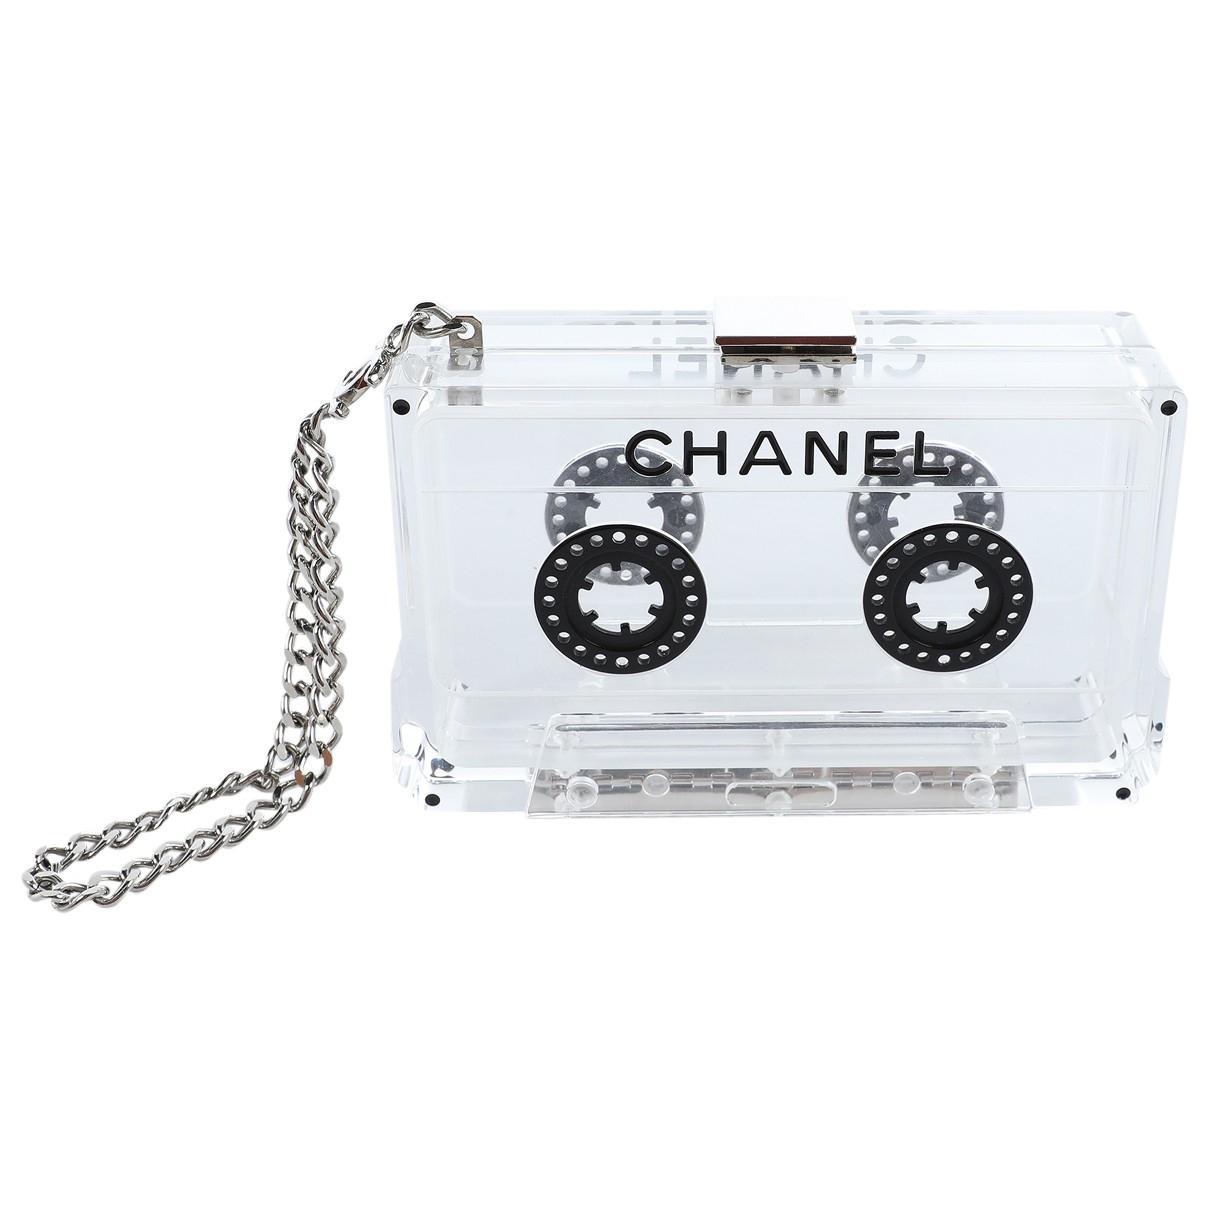 854b03b7dd09 Chanel - Multicolor Other Plastic Clutch Bag - Lyst. View fullscreen